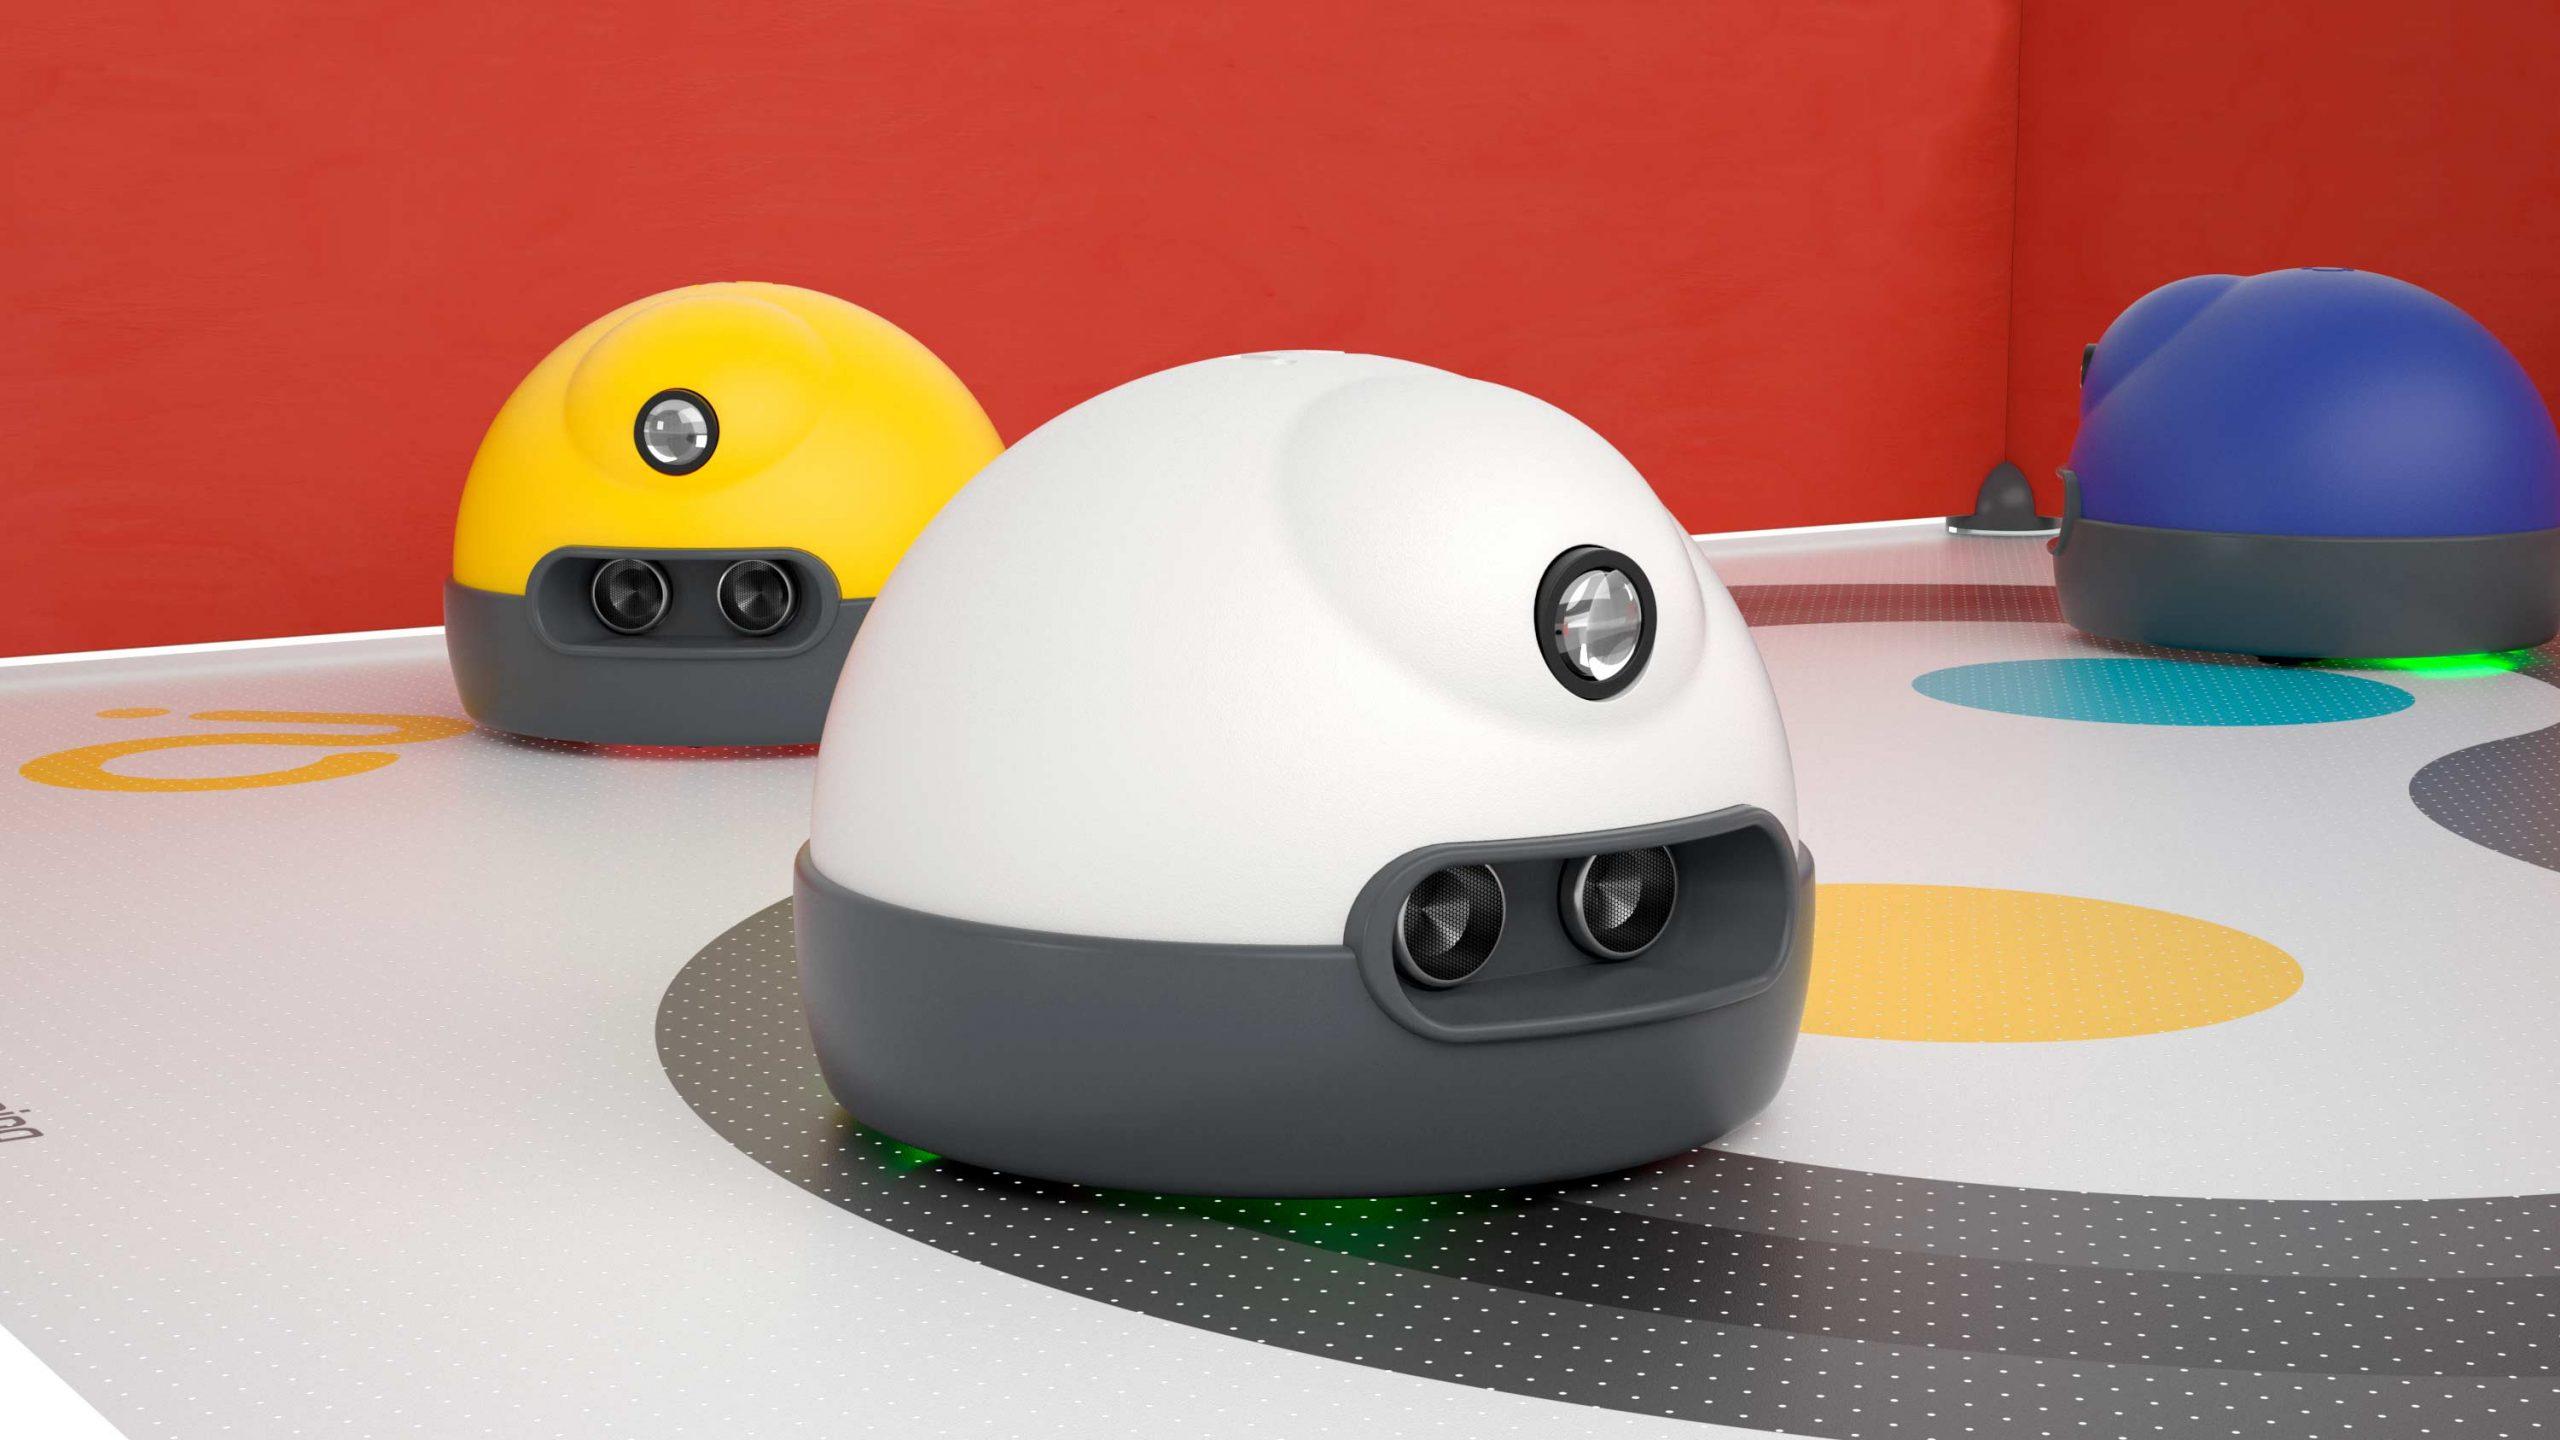 AlphAI - Learning Robots : robot pédagogique robot pour enseigner l'intelligence artificielle (IA)